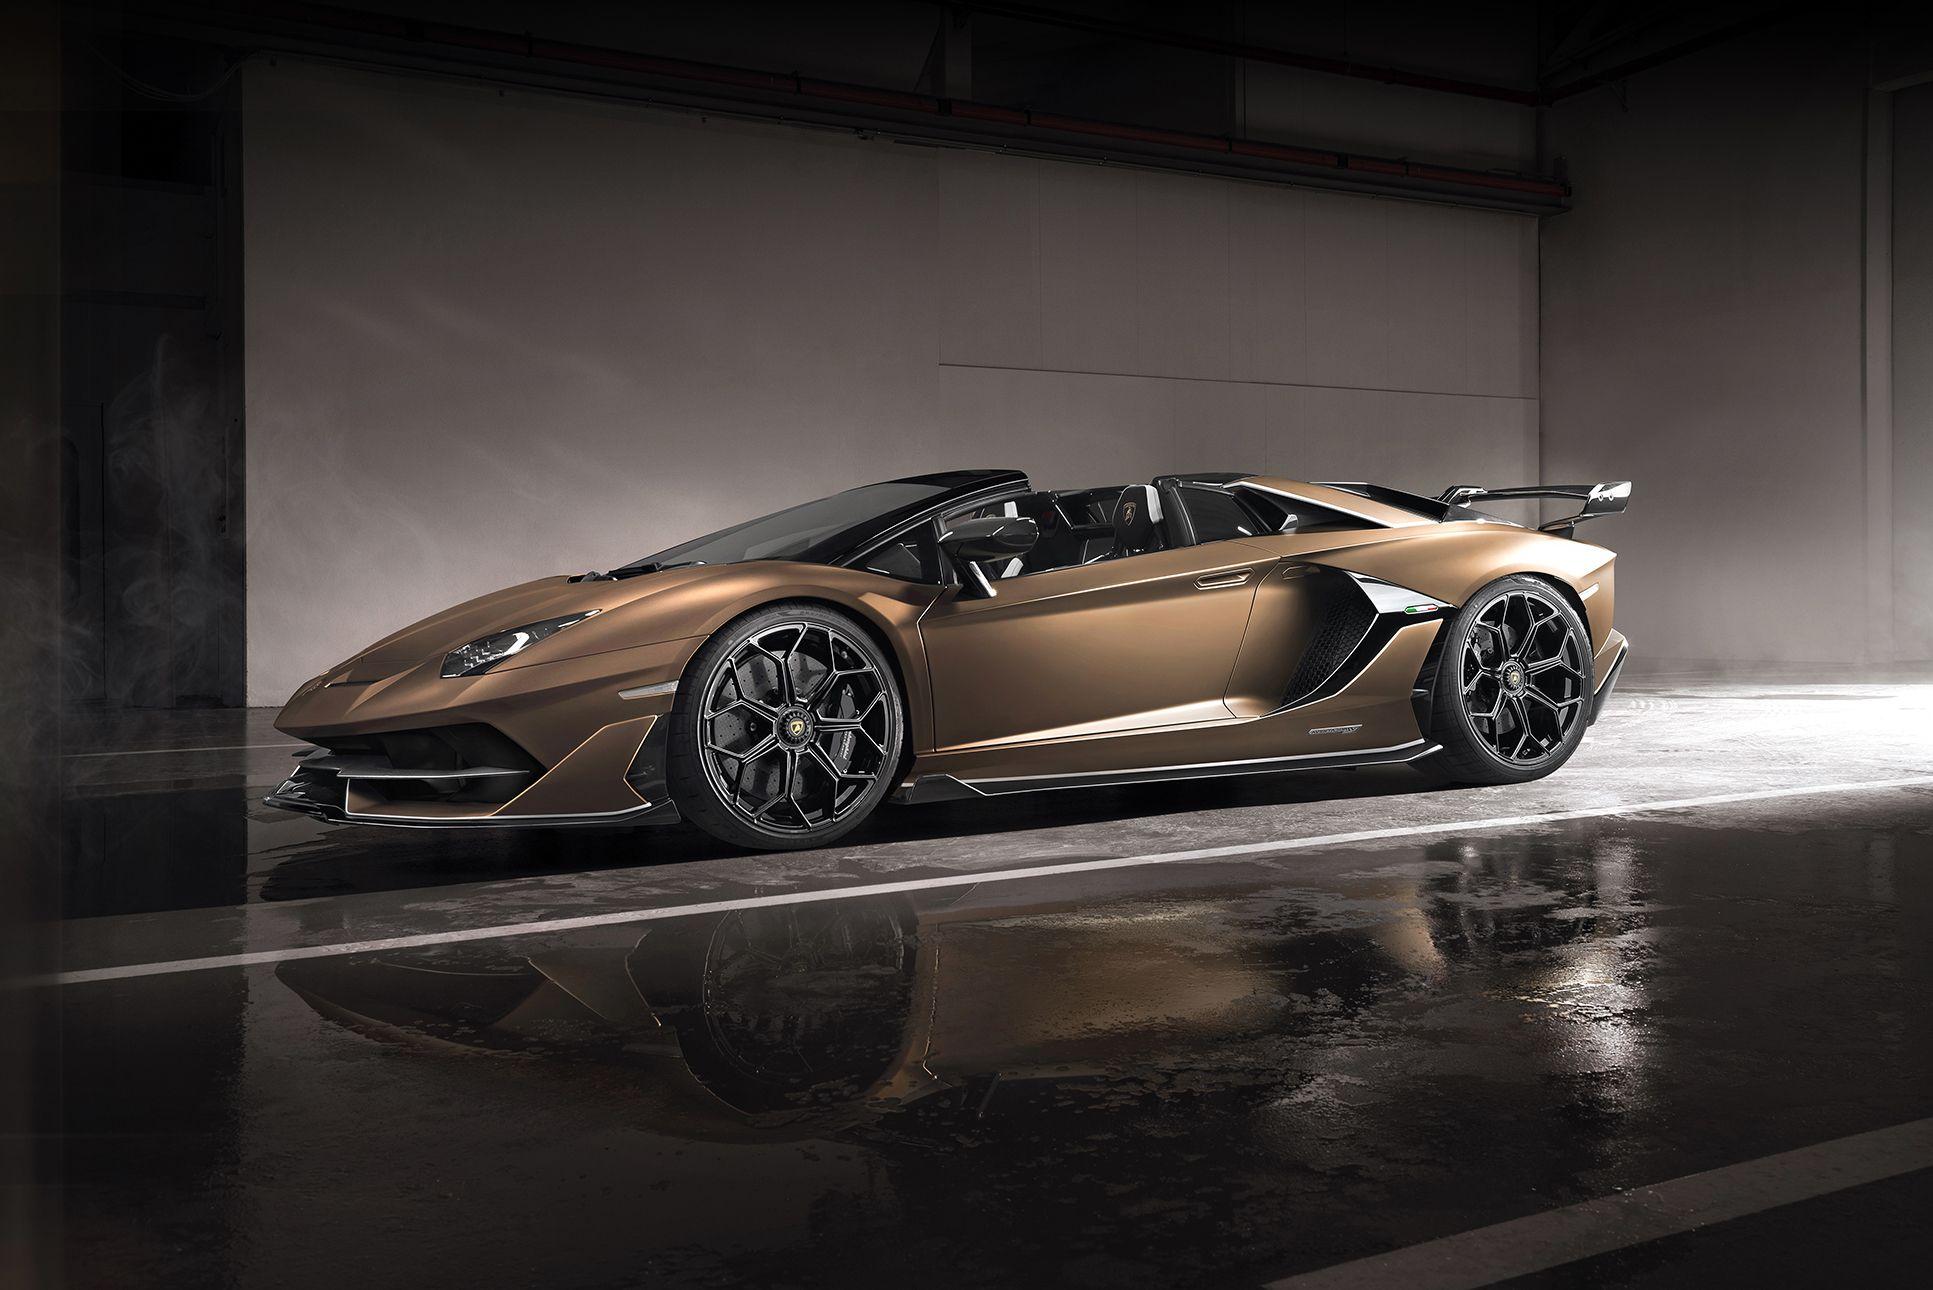 2020 Lamborghini Aventador Svj Roadster Revealed At Geneva 2019